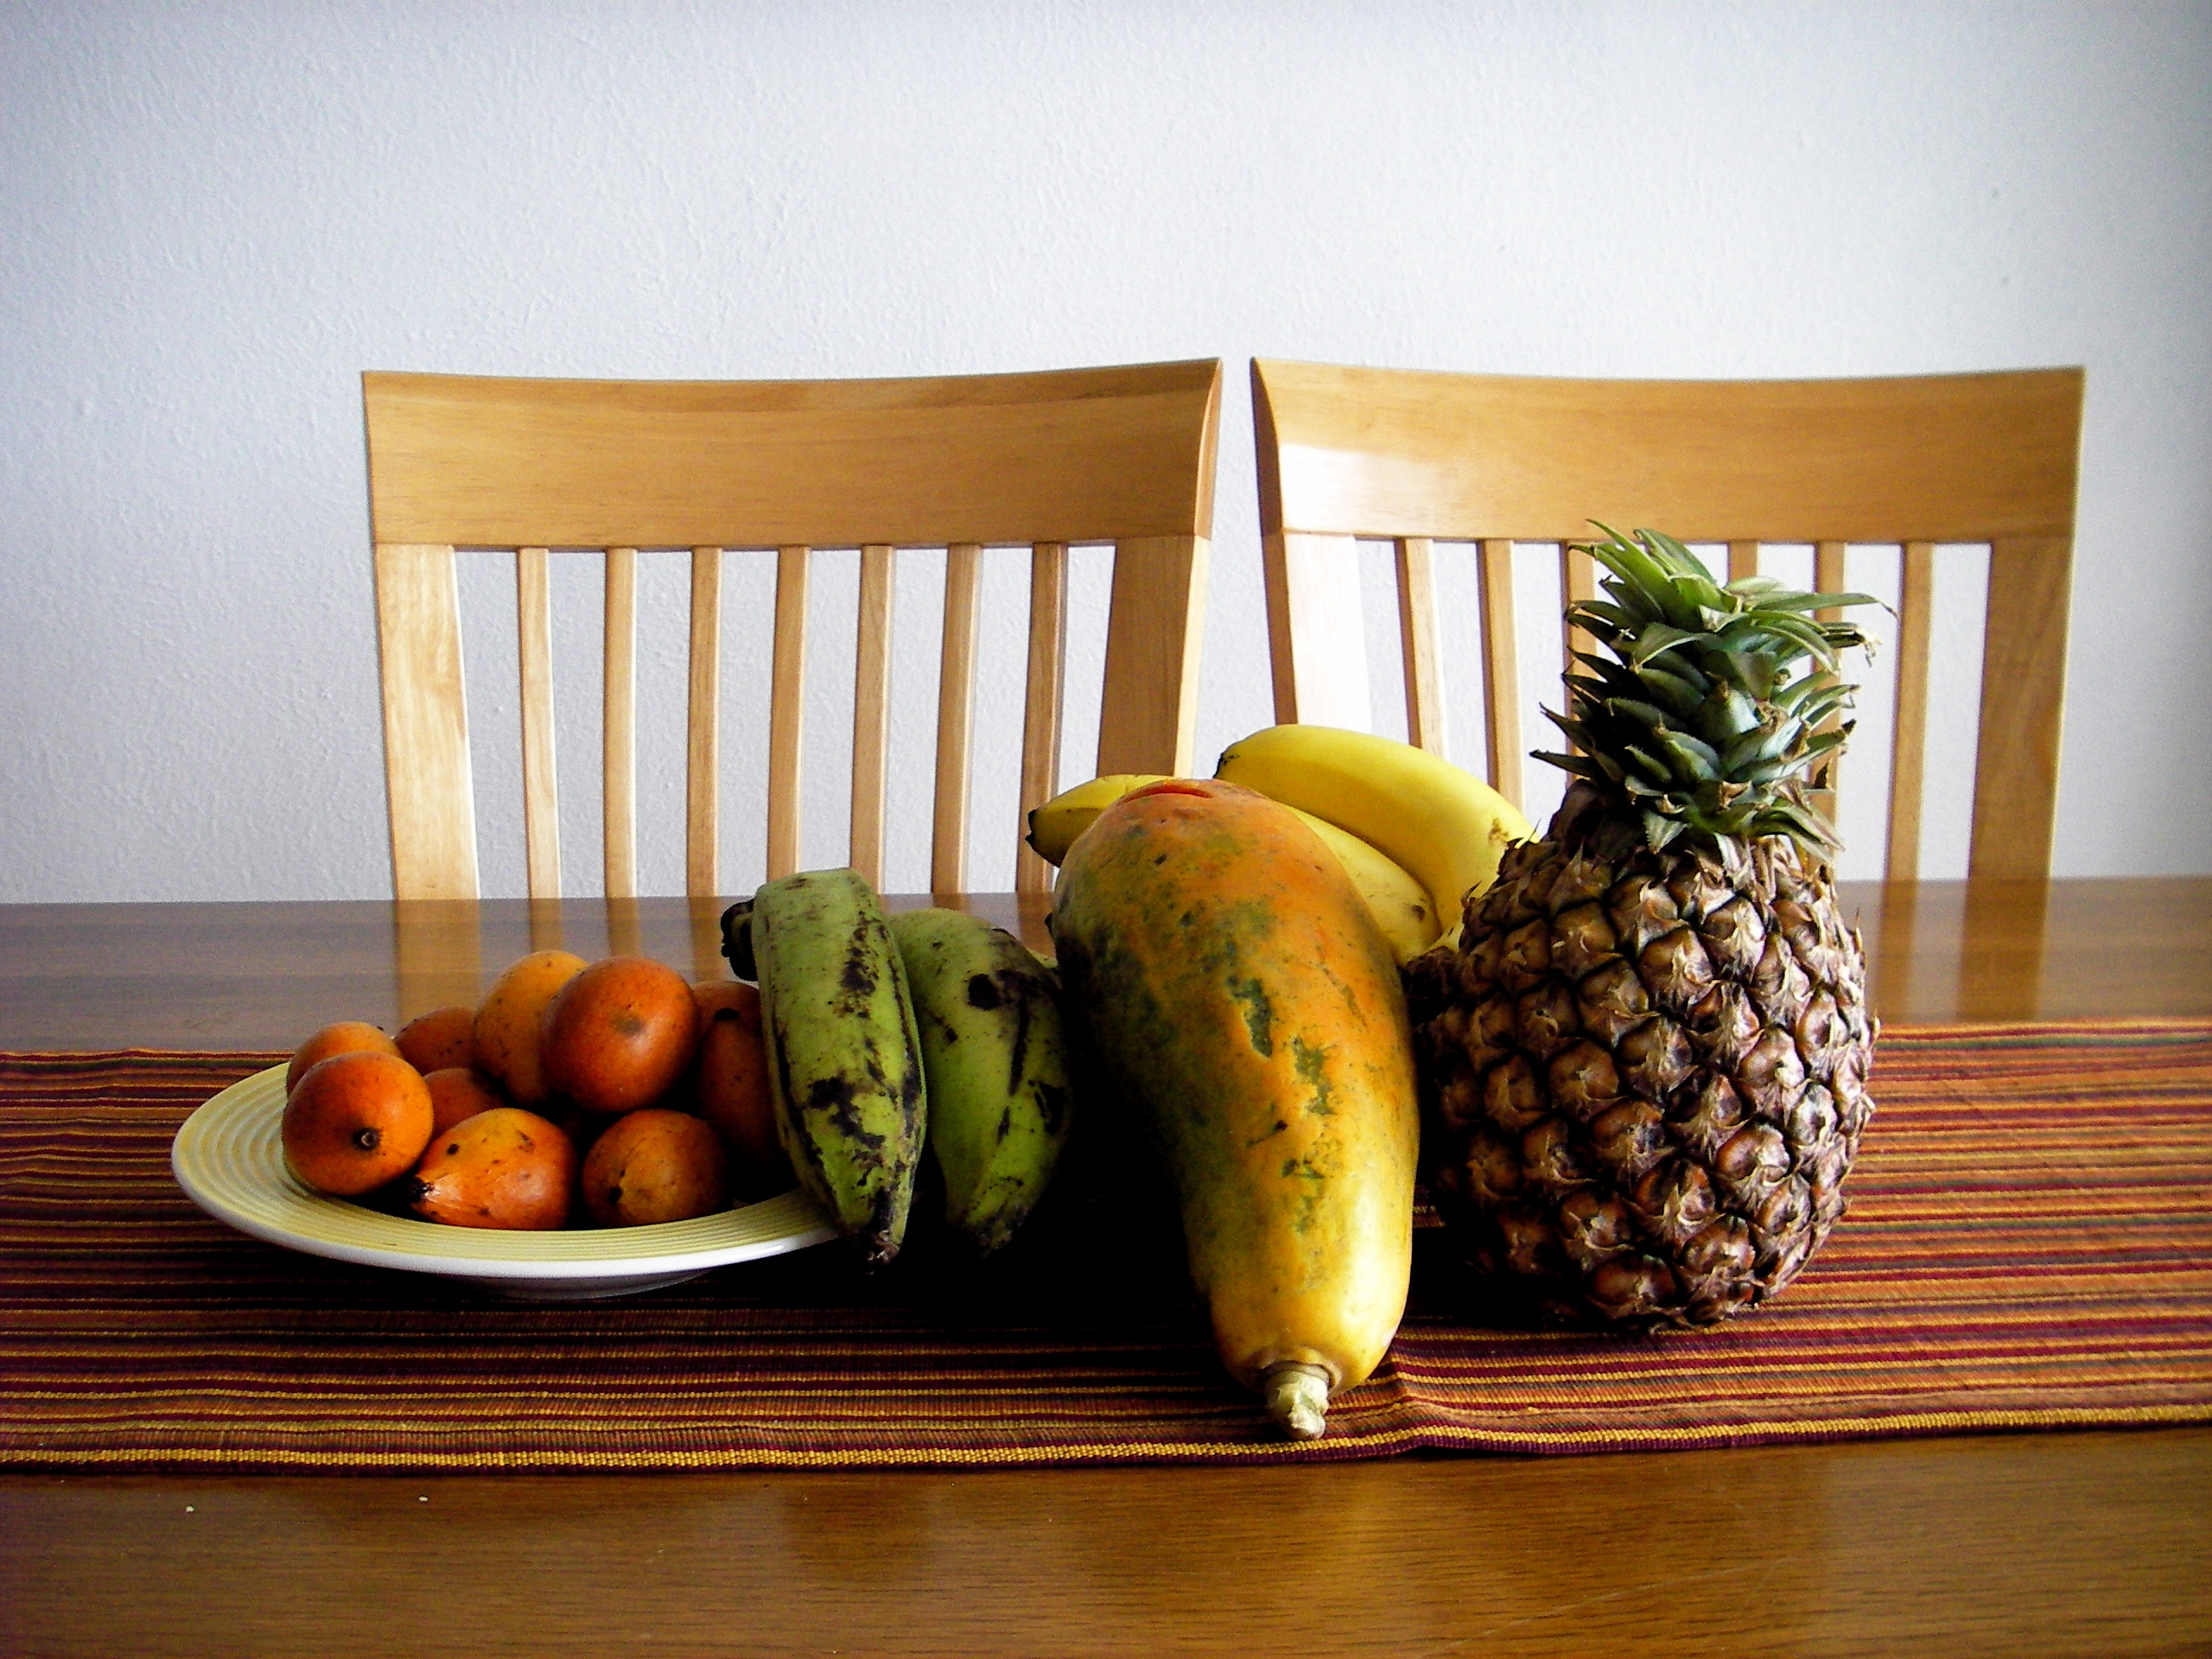 A selection of fruits fresh from the market: guamas de la india, platanos, papaya, bananas and pinapple